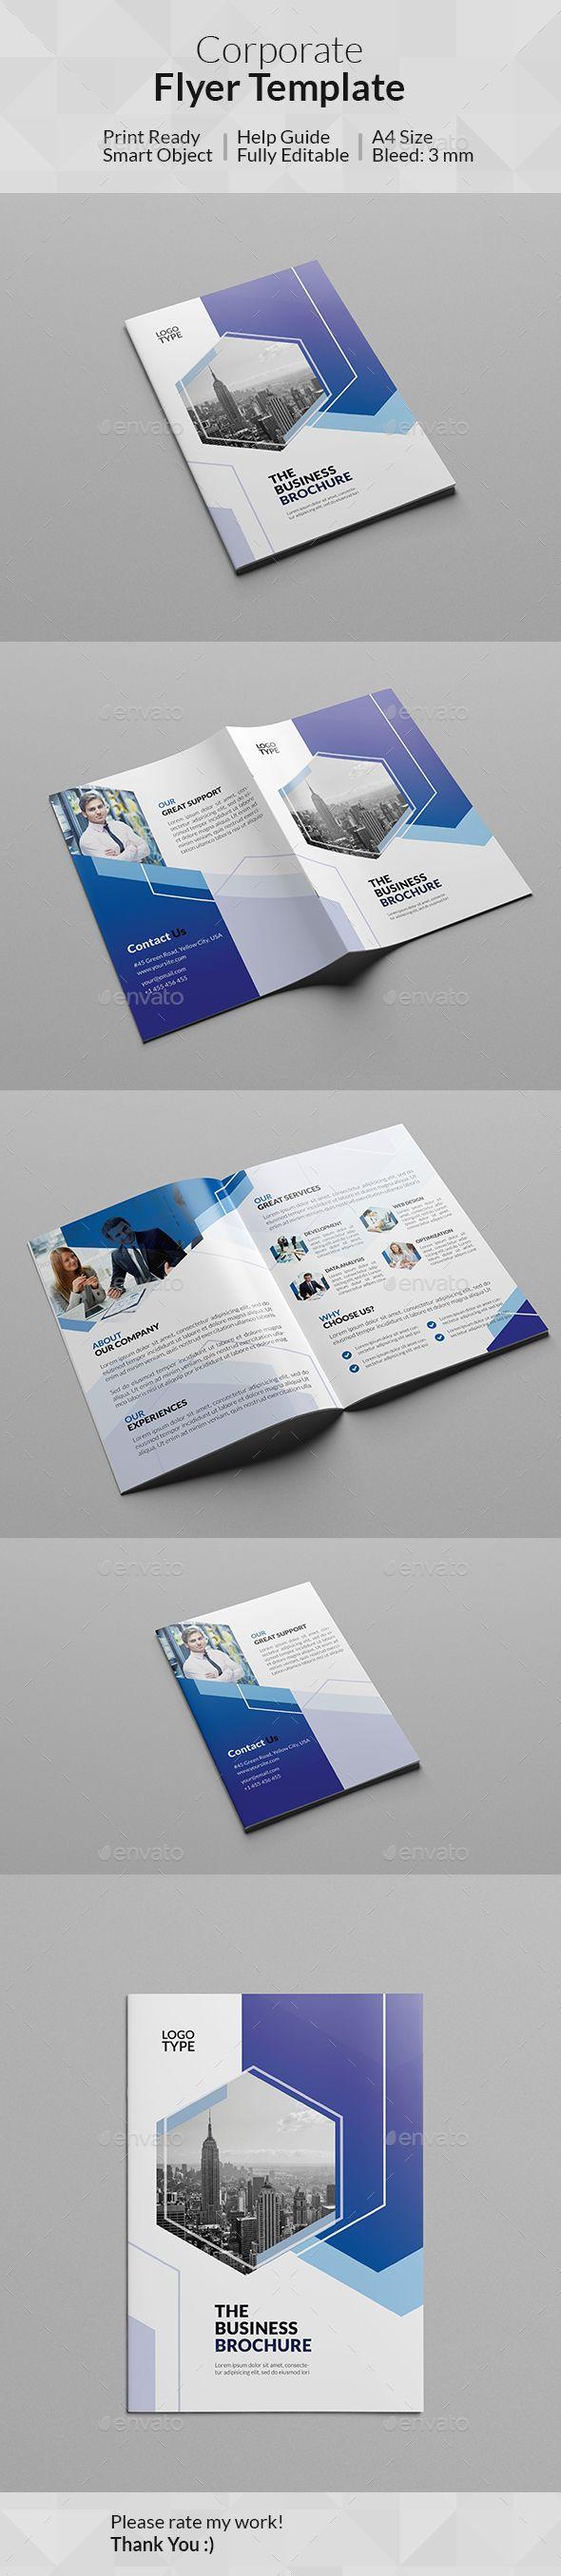 #Corporate #Bi-Fold Brochure - Corporate #Brochures